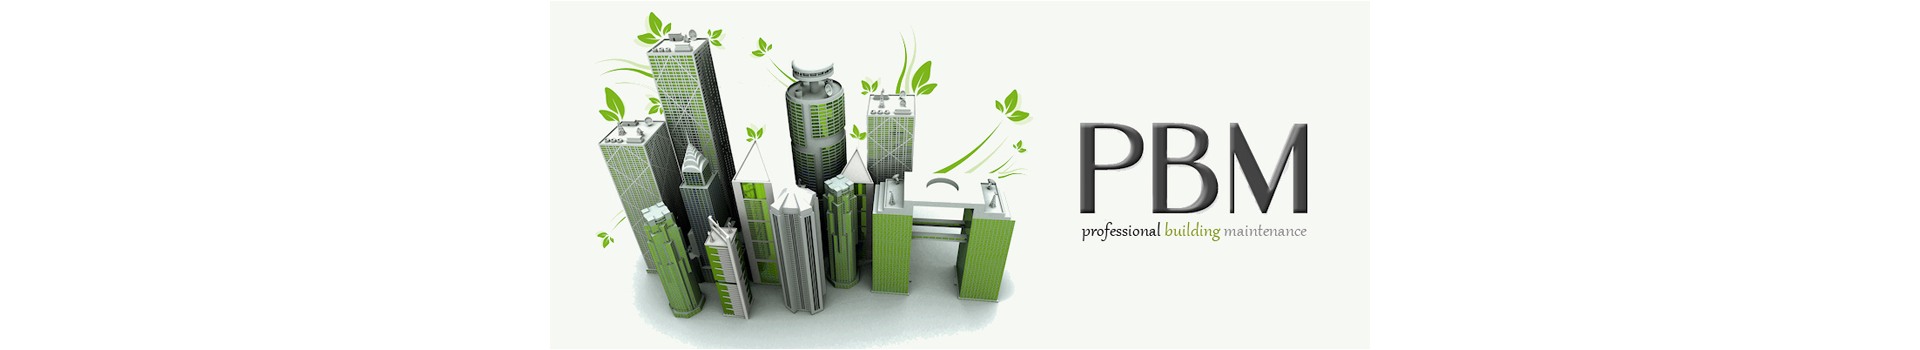 slide1-PBM